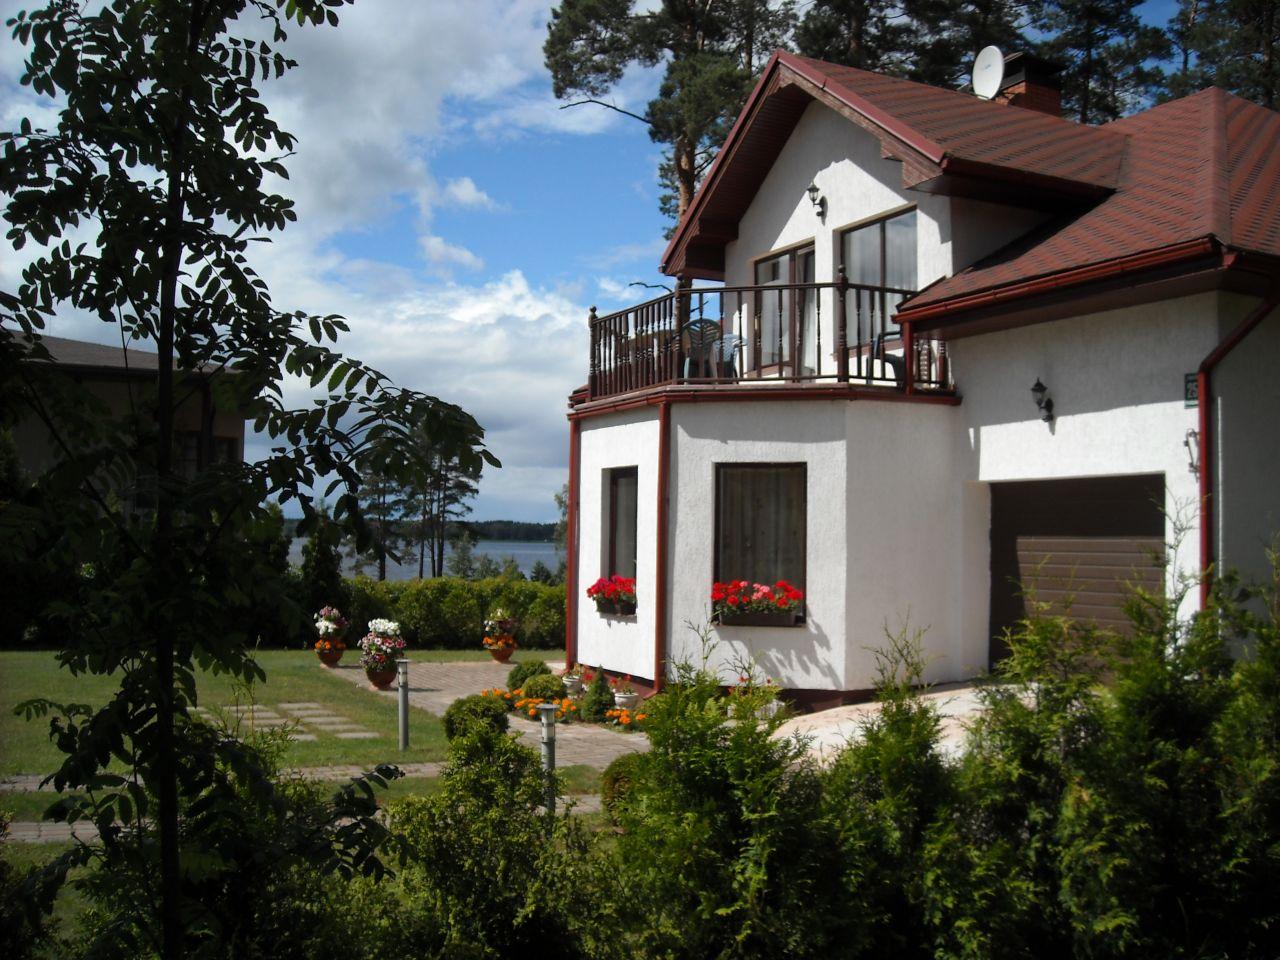 Дом Балтэзерс, Латвия, 1227 сот. - фото 1